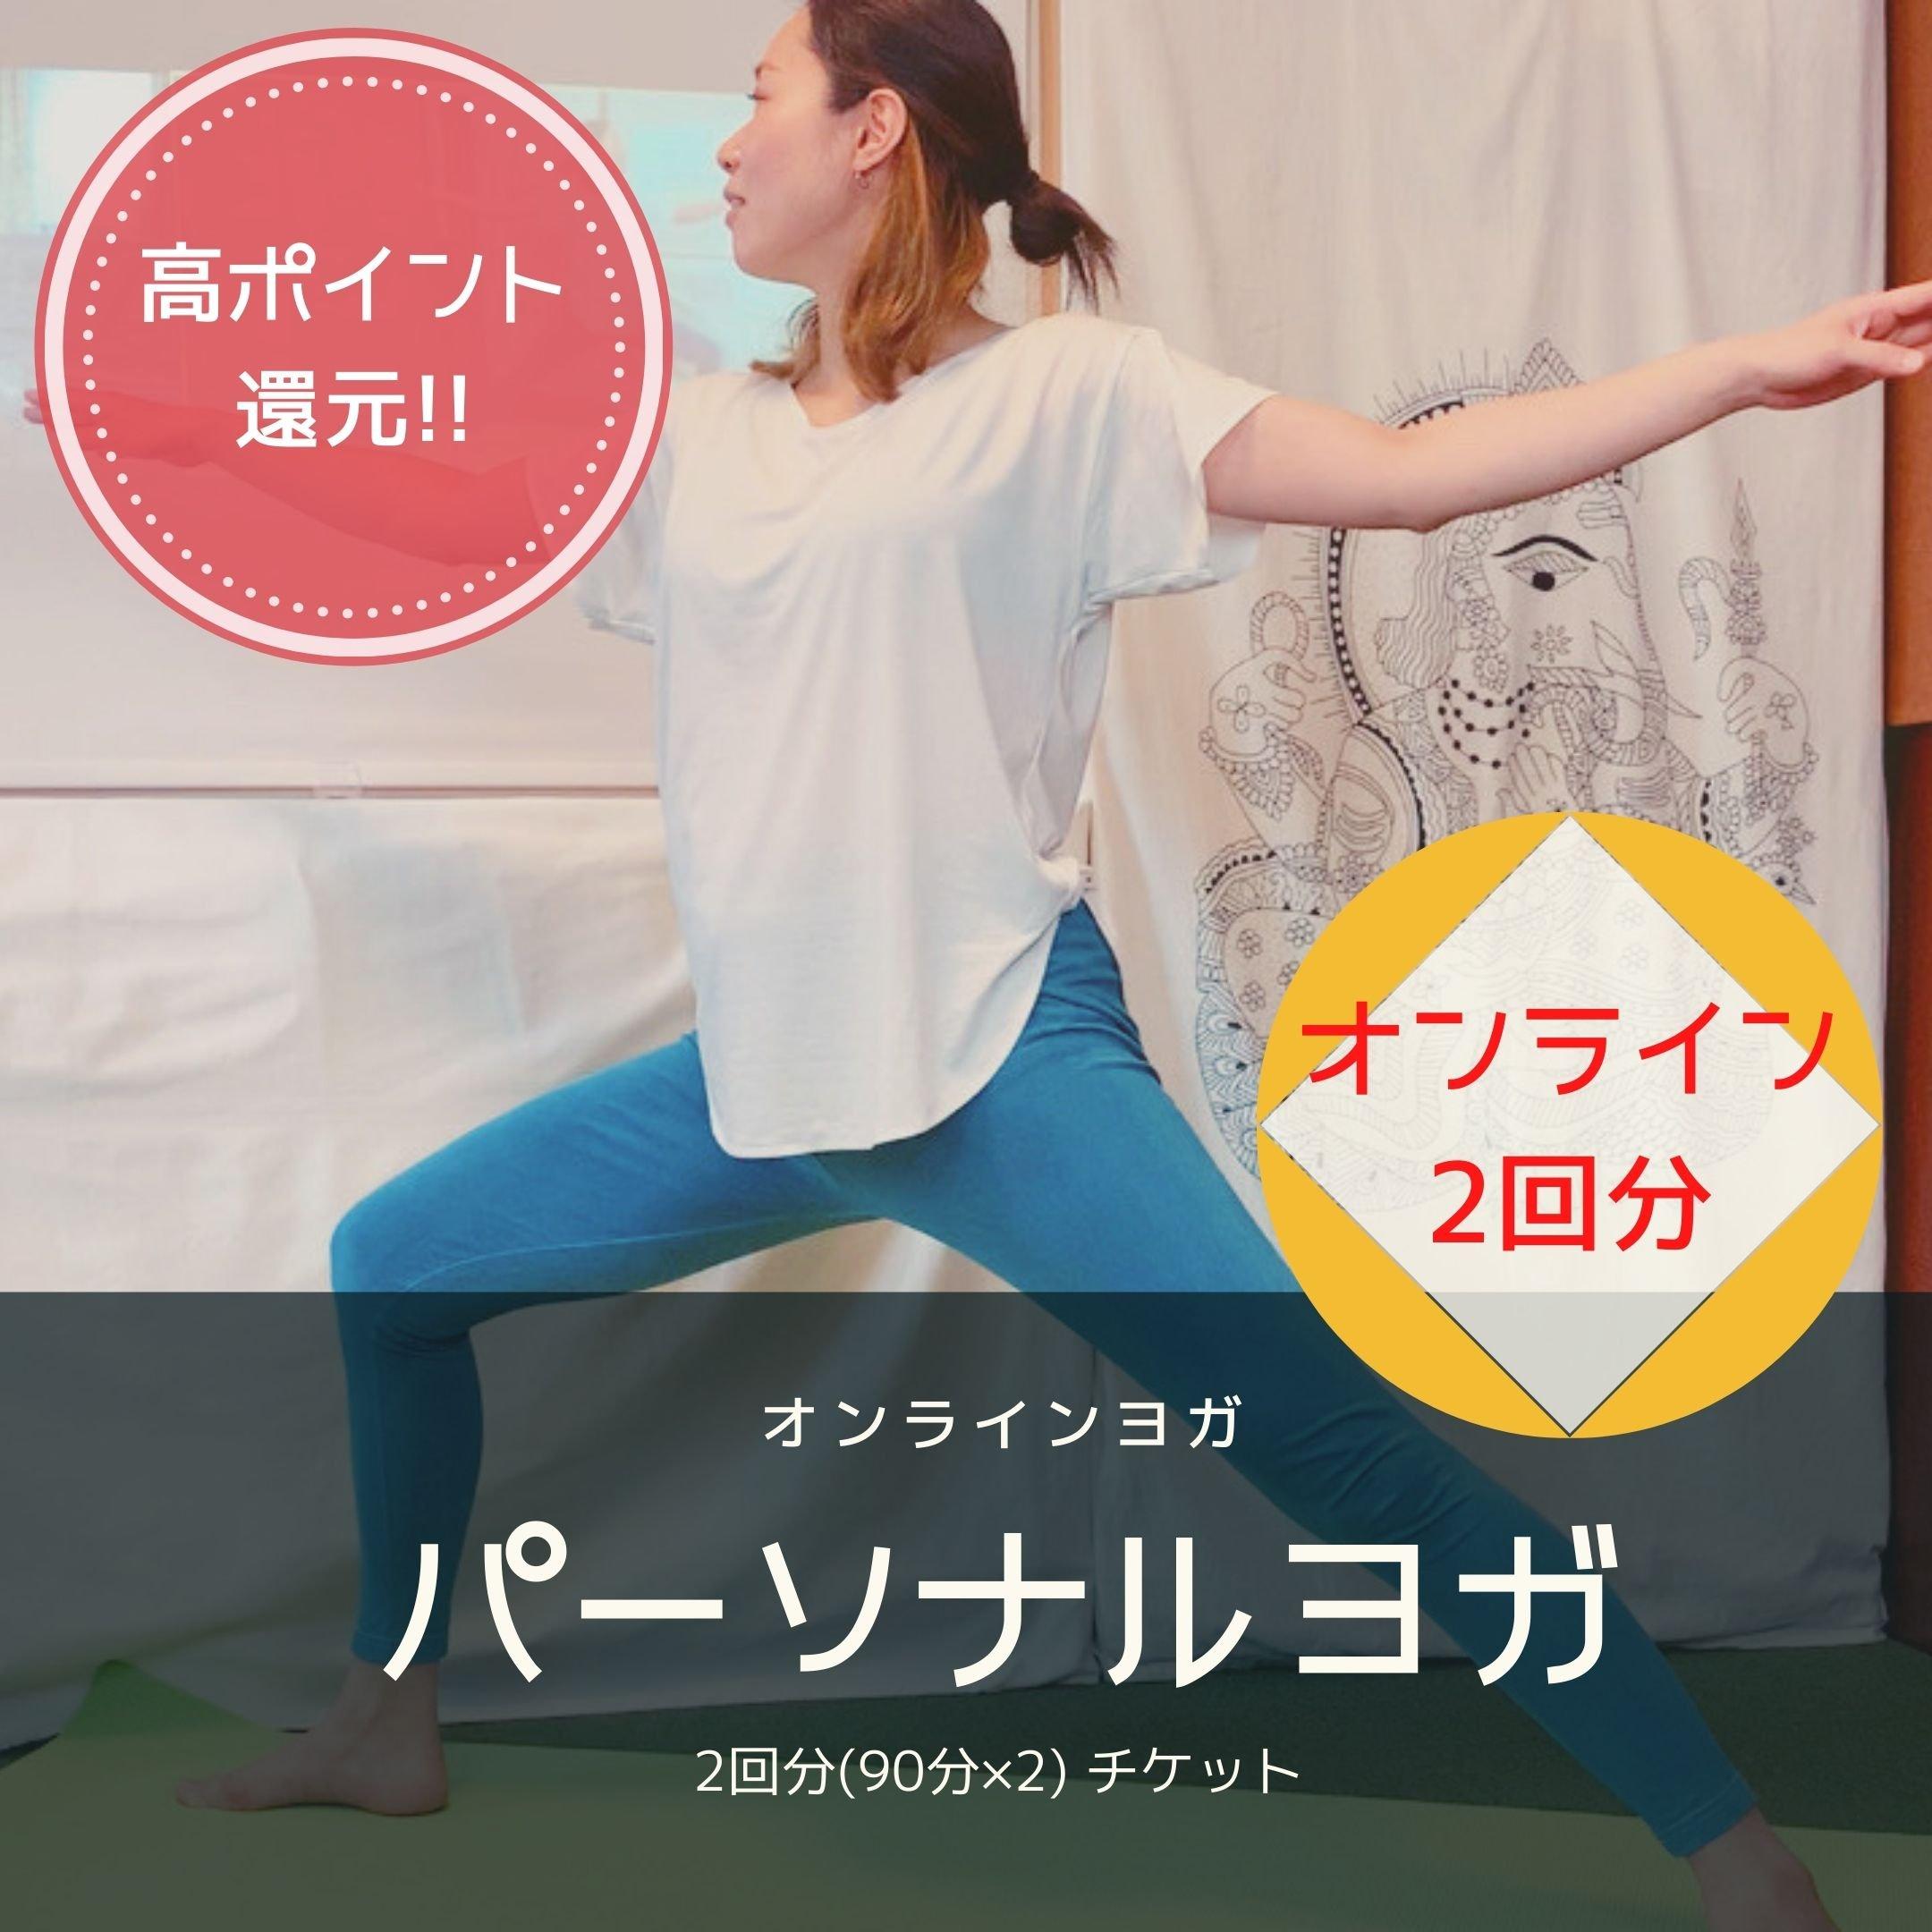 【高ポイント還元】オンライン パーソナルヨガ 2回分(90分×2)チケットのイメージその1